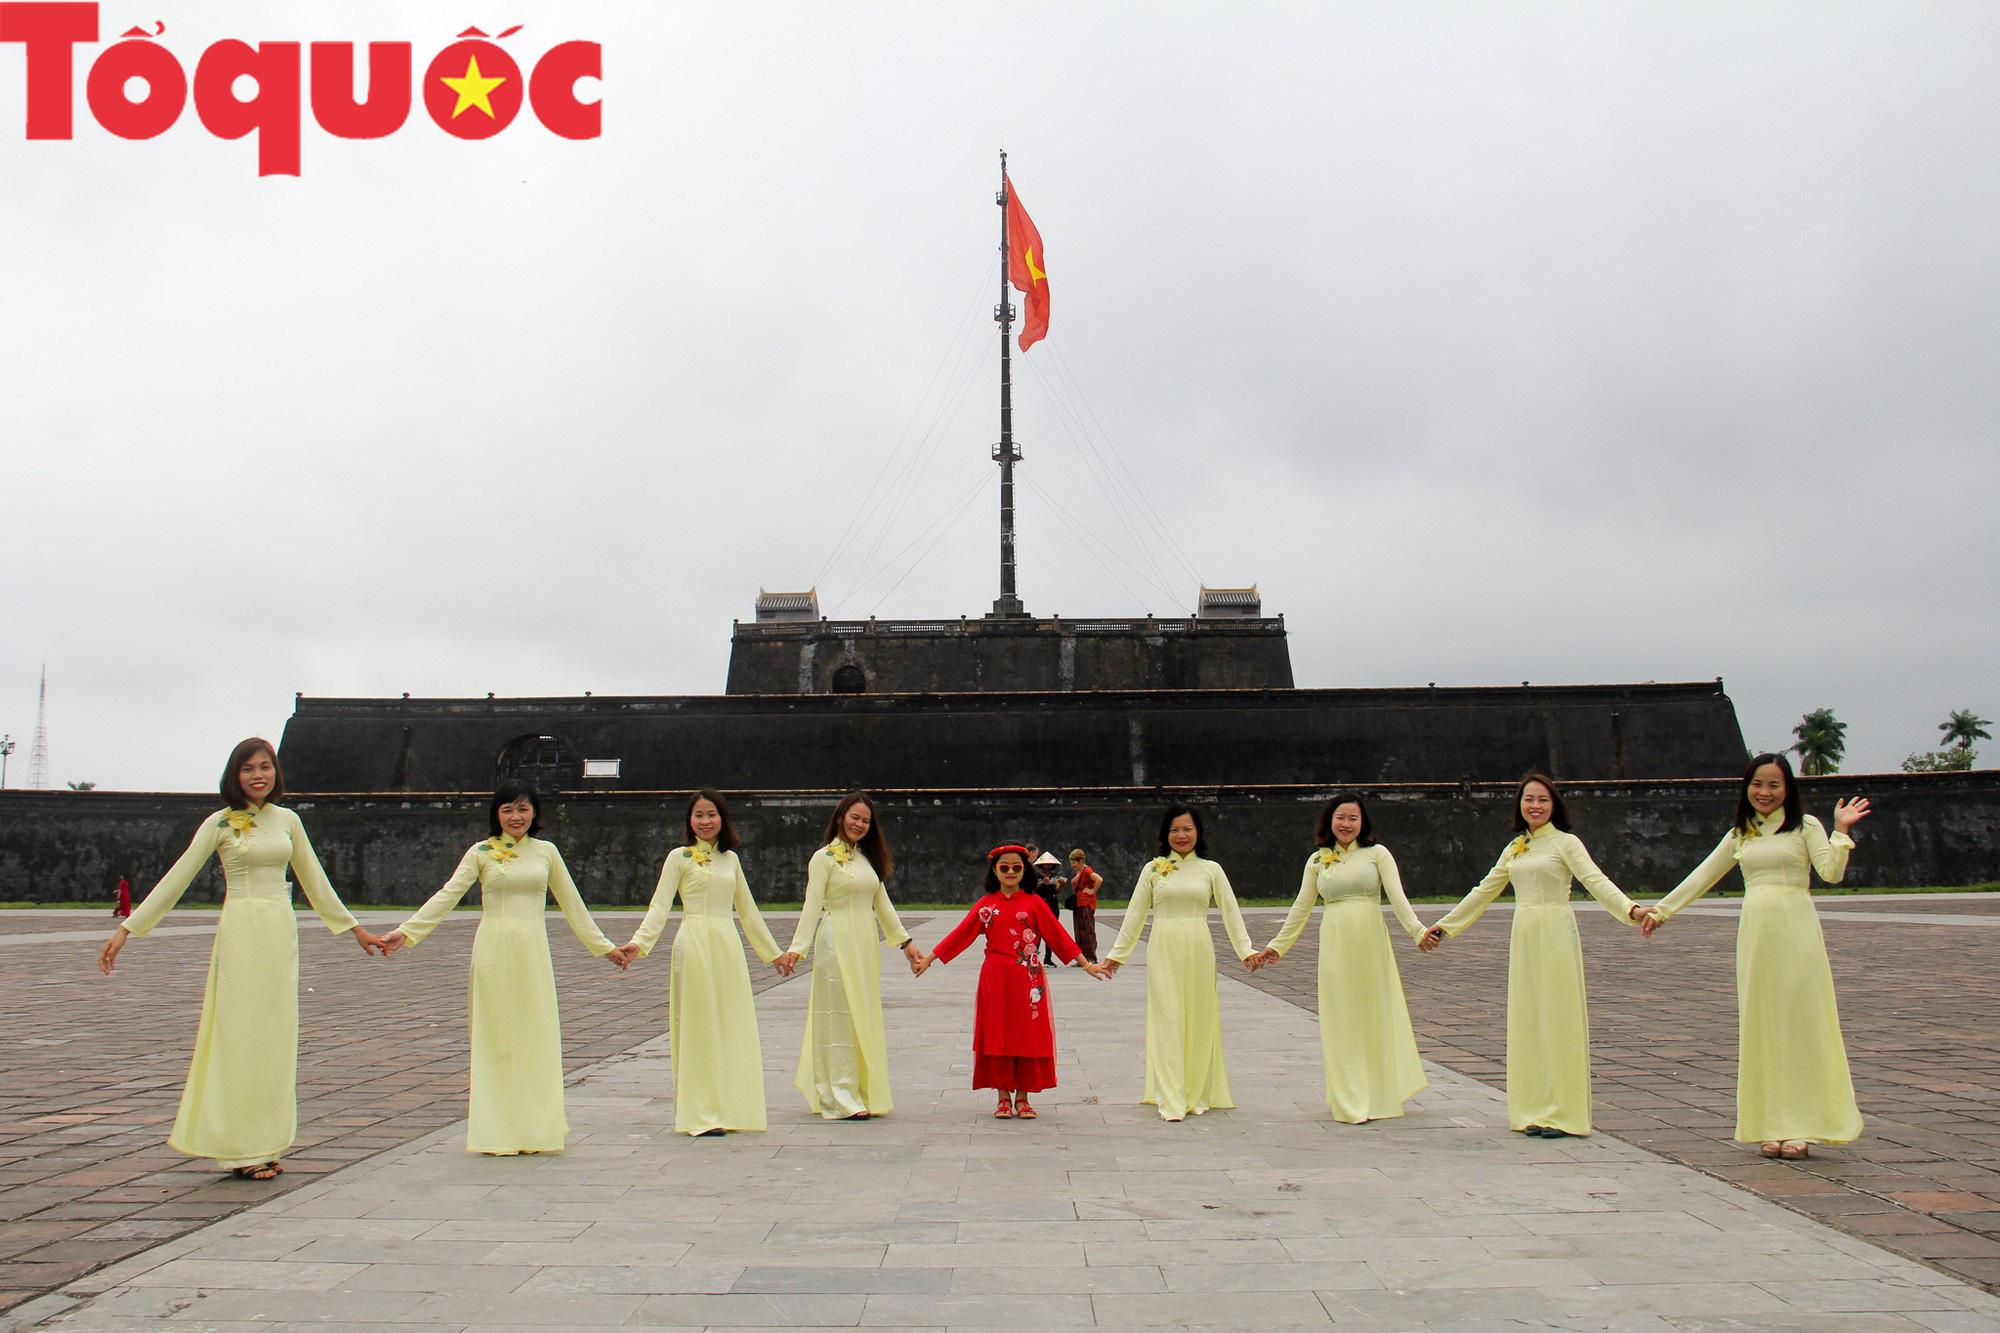 Ấn tượng hình ảnh hàng trăm tà áo dài thướt tha trong Đại Nội Huế ngày 8/3 - Ảnh 3.